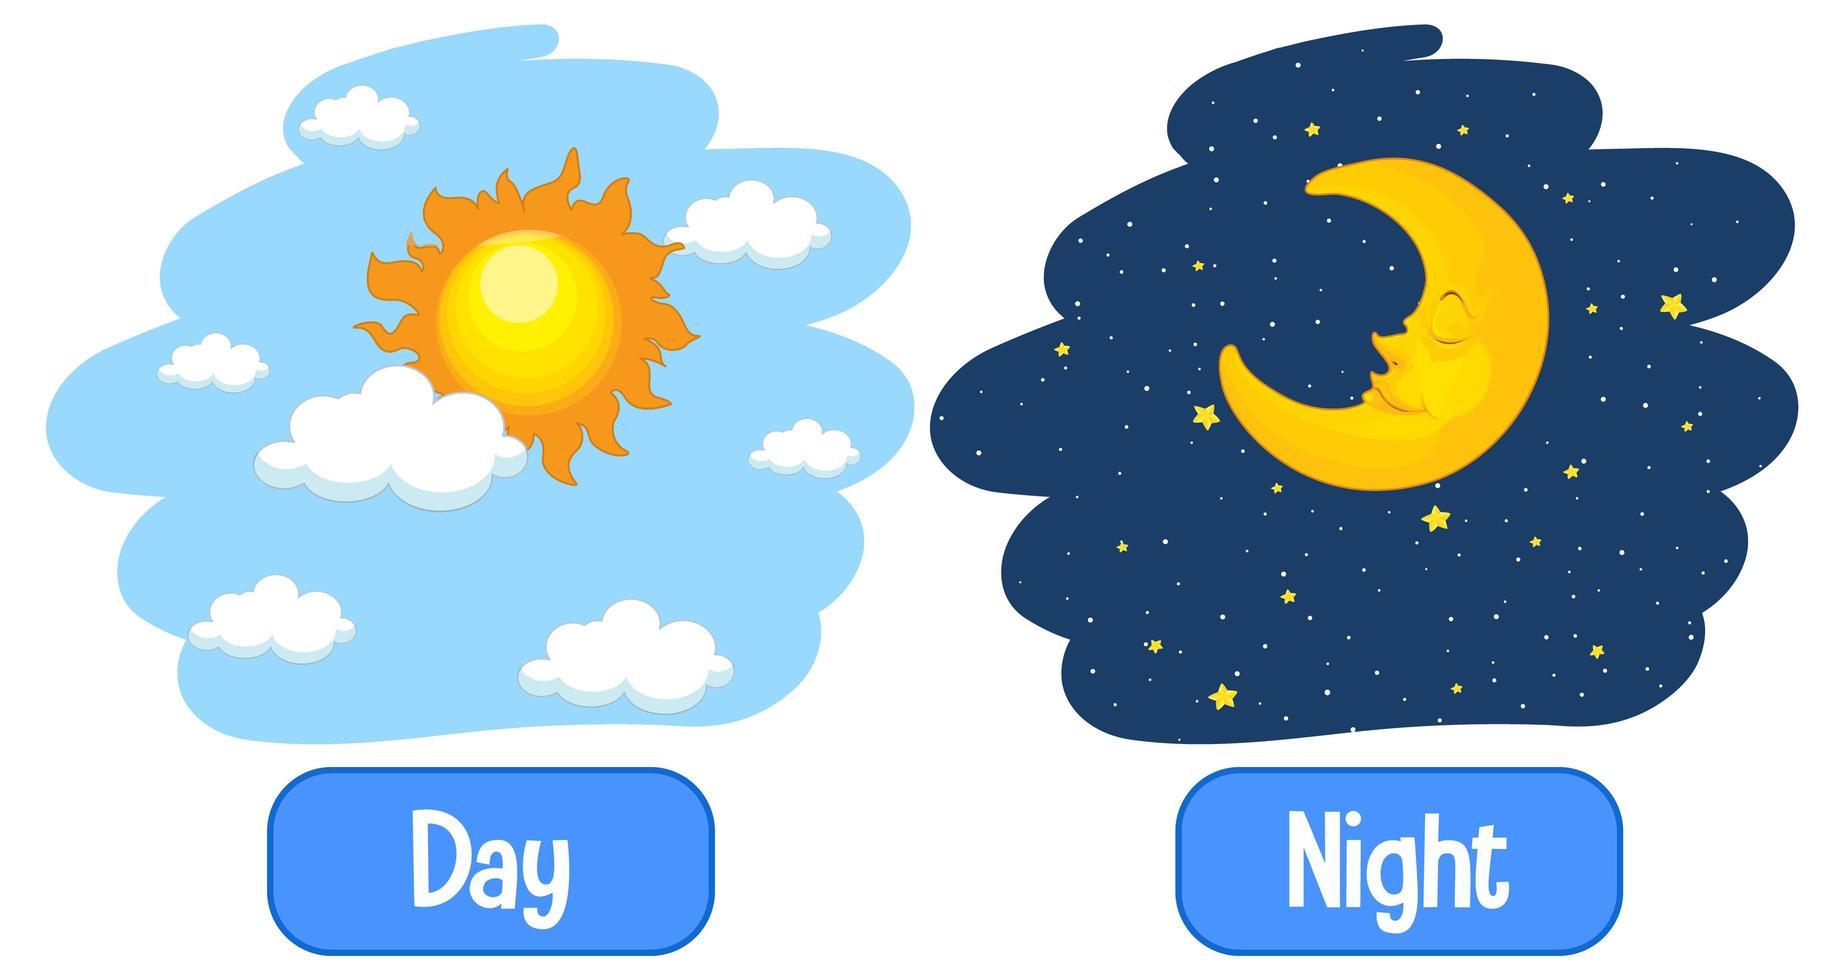 tegenovergestelde bijvoeglijke naamwoorden woorden met dag en nacht vector